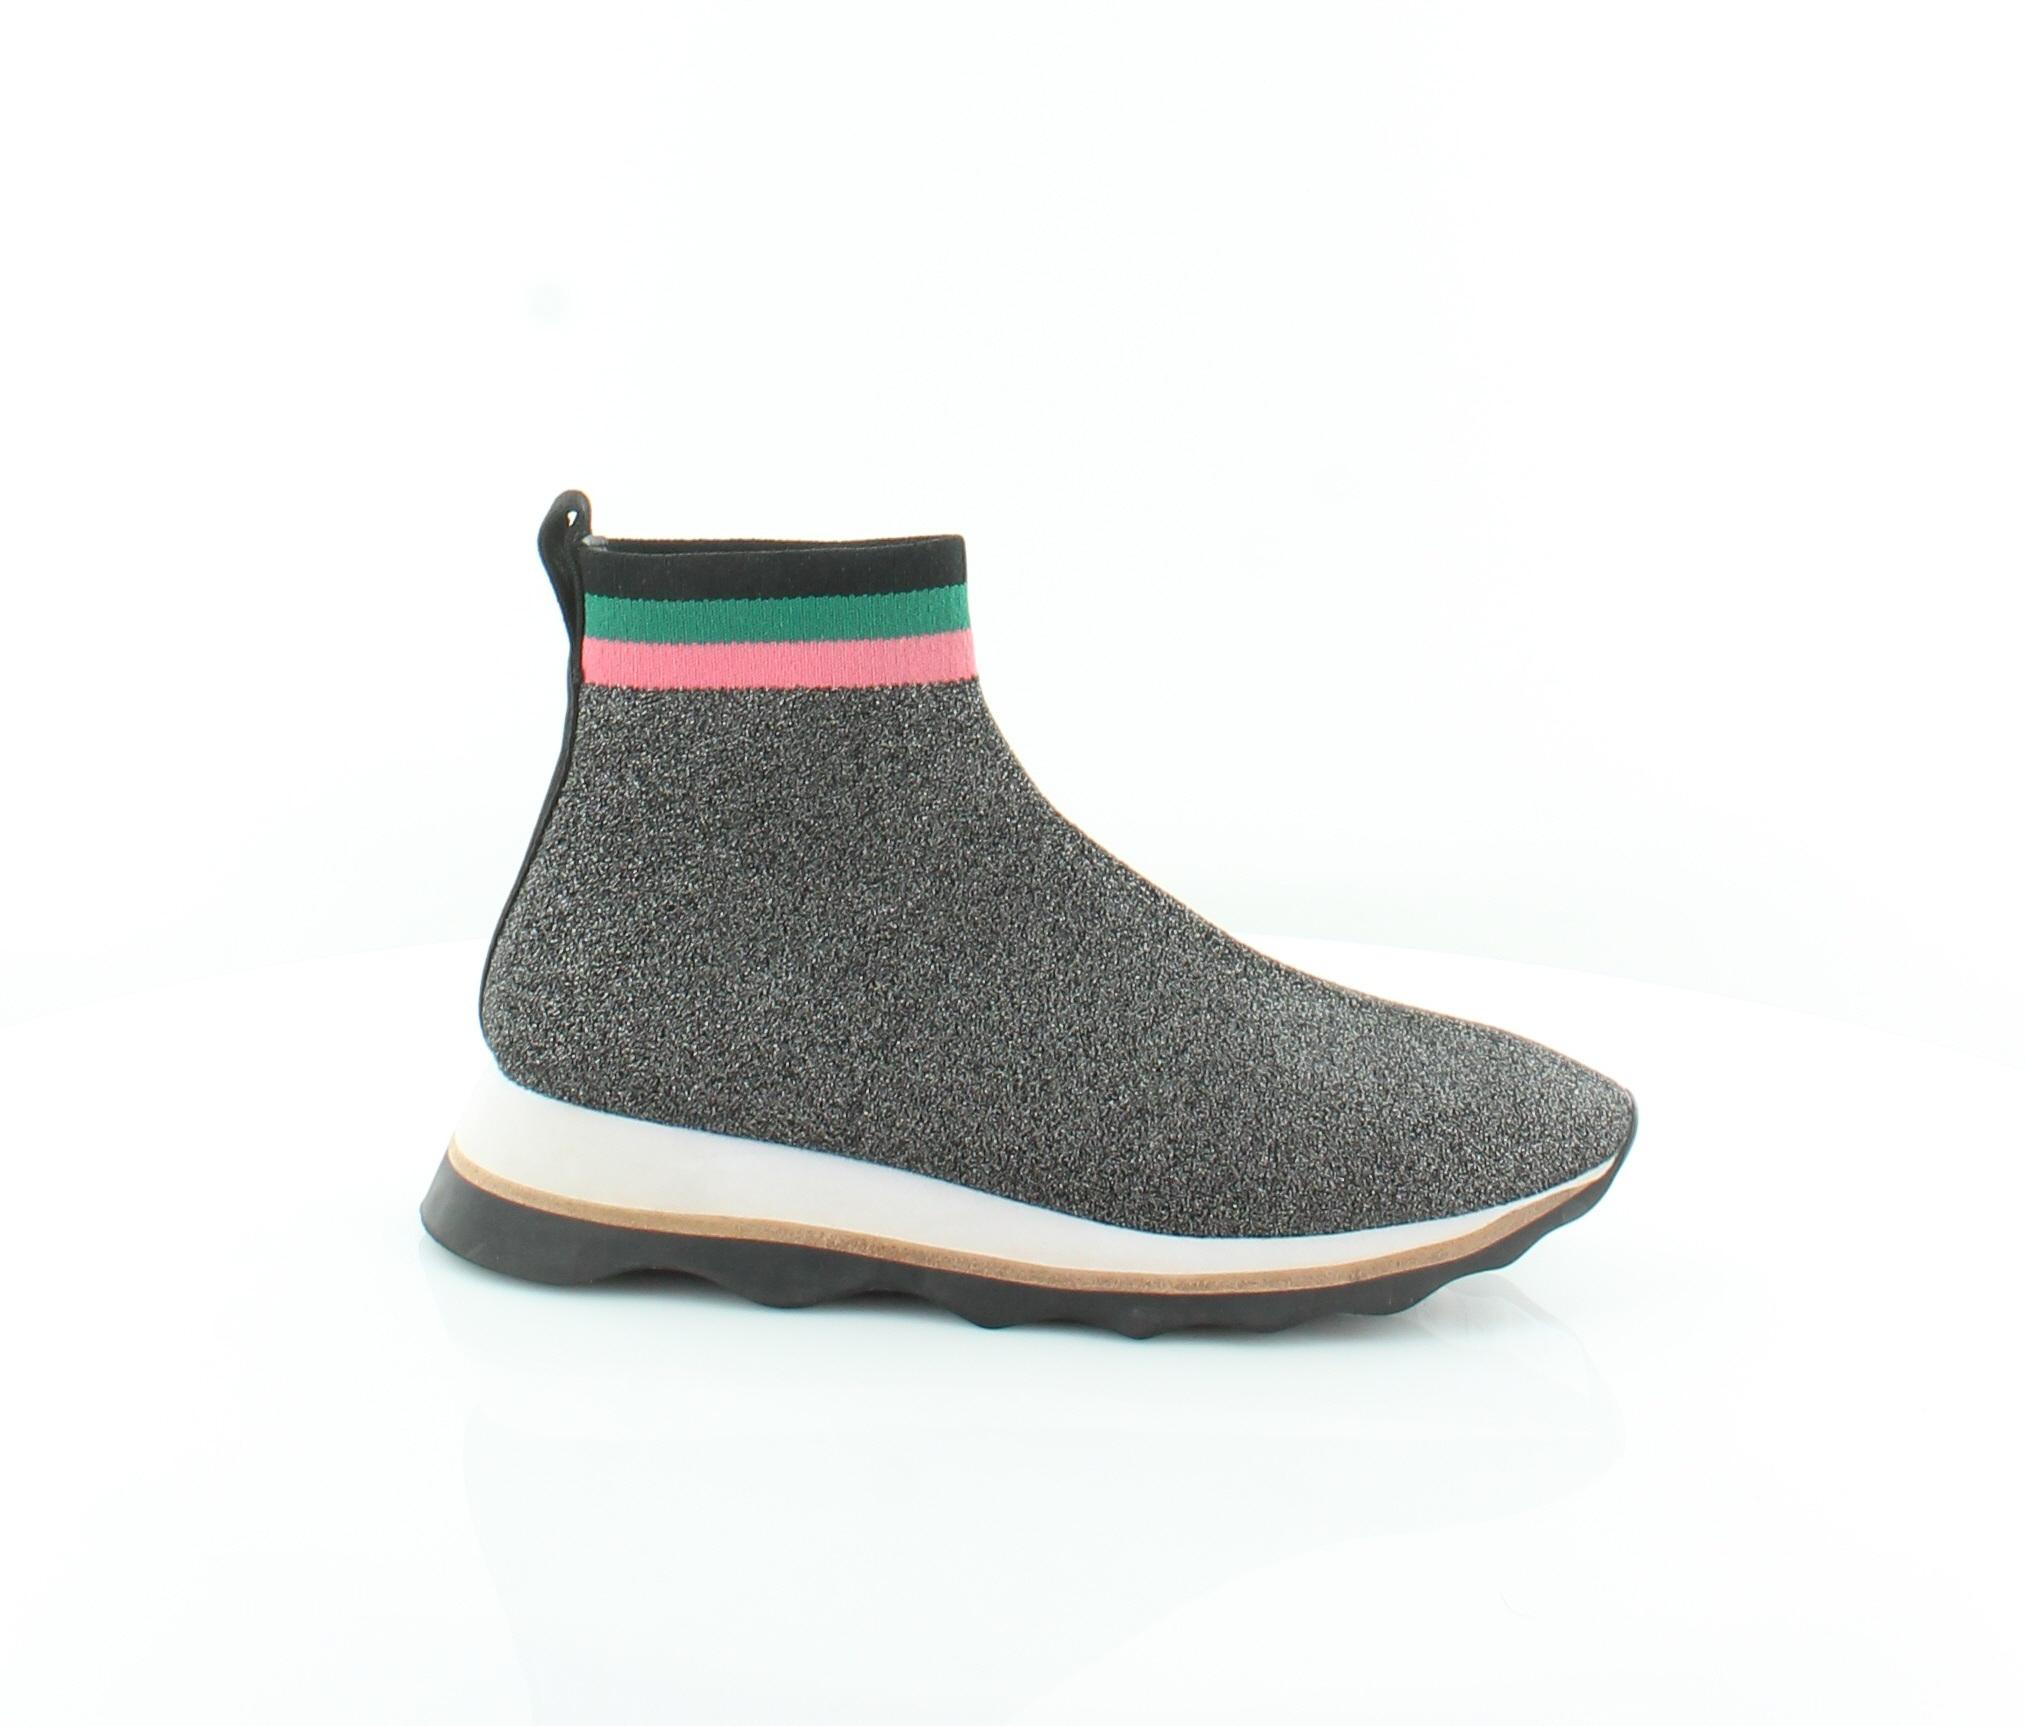 Loeffler Randall Scout Negro Negro Negro Zapatos para mujer Talla 6.5 M Moda tenis precio minorista sugerido por el fabricante  295  estilo clásico